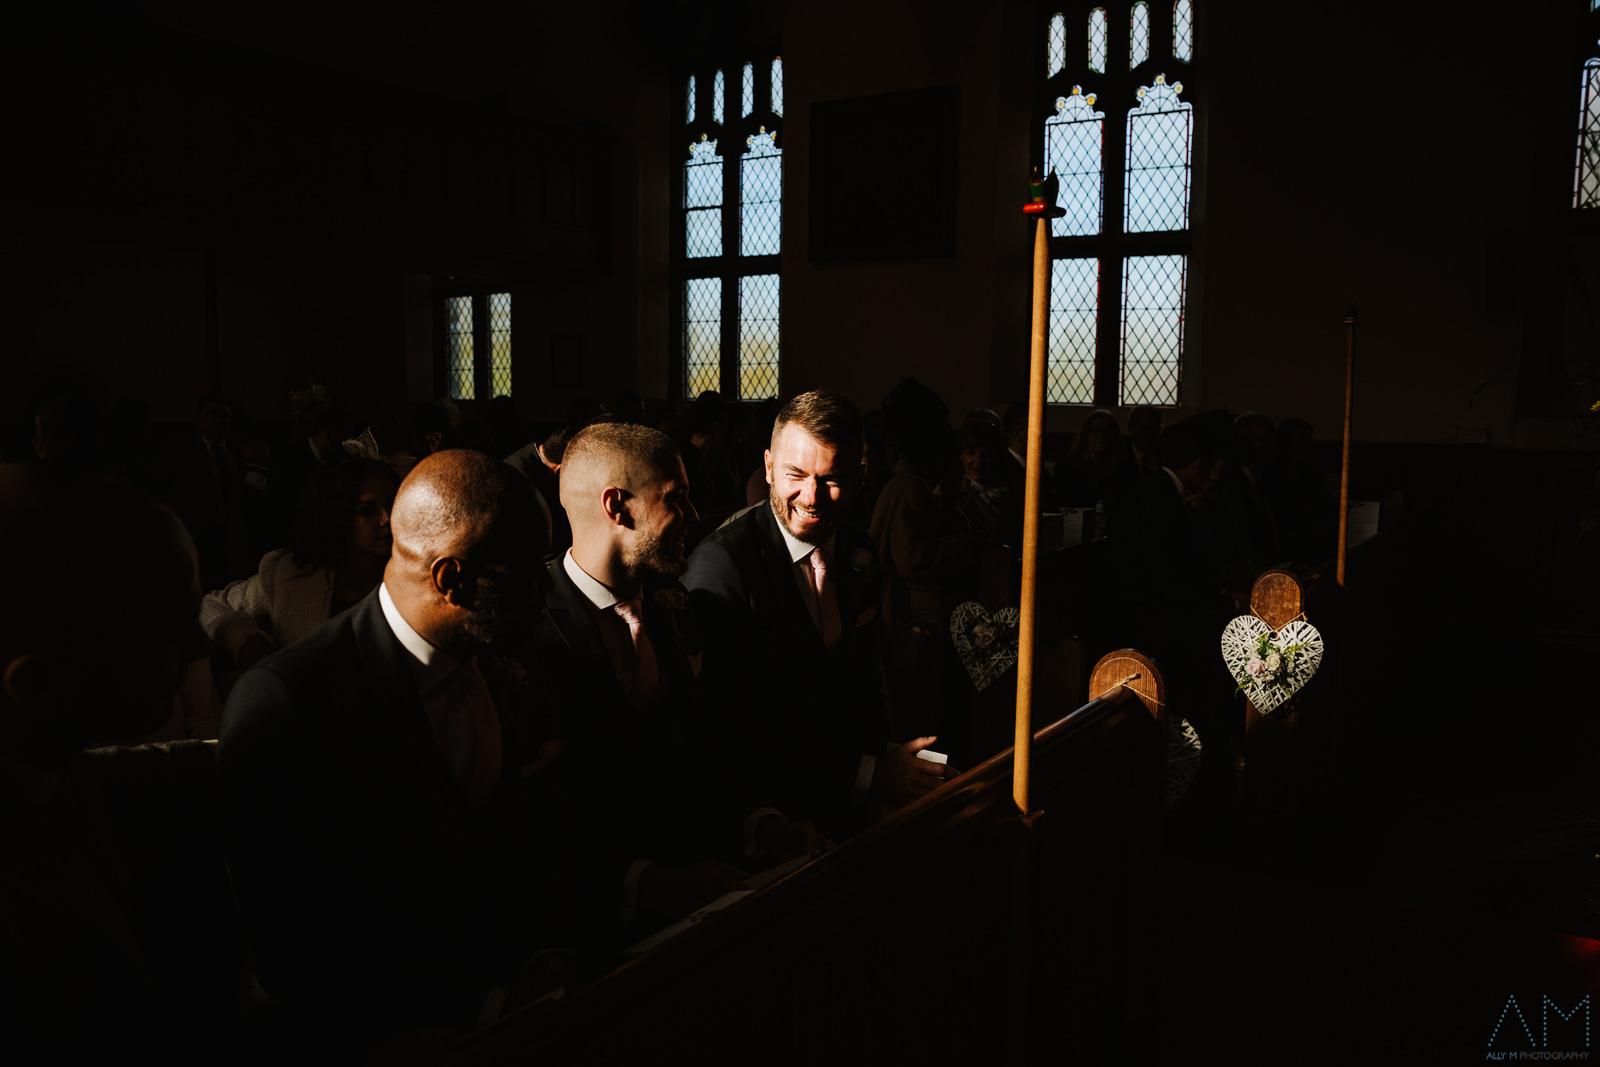 Groom sat in lovely light in church